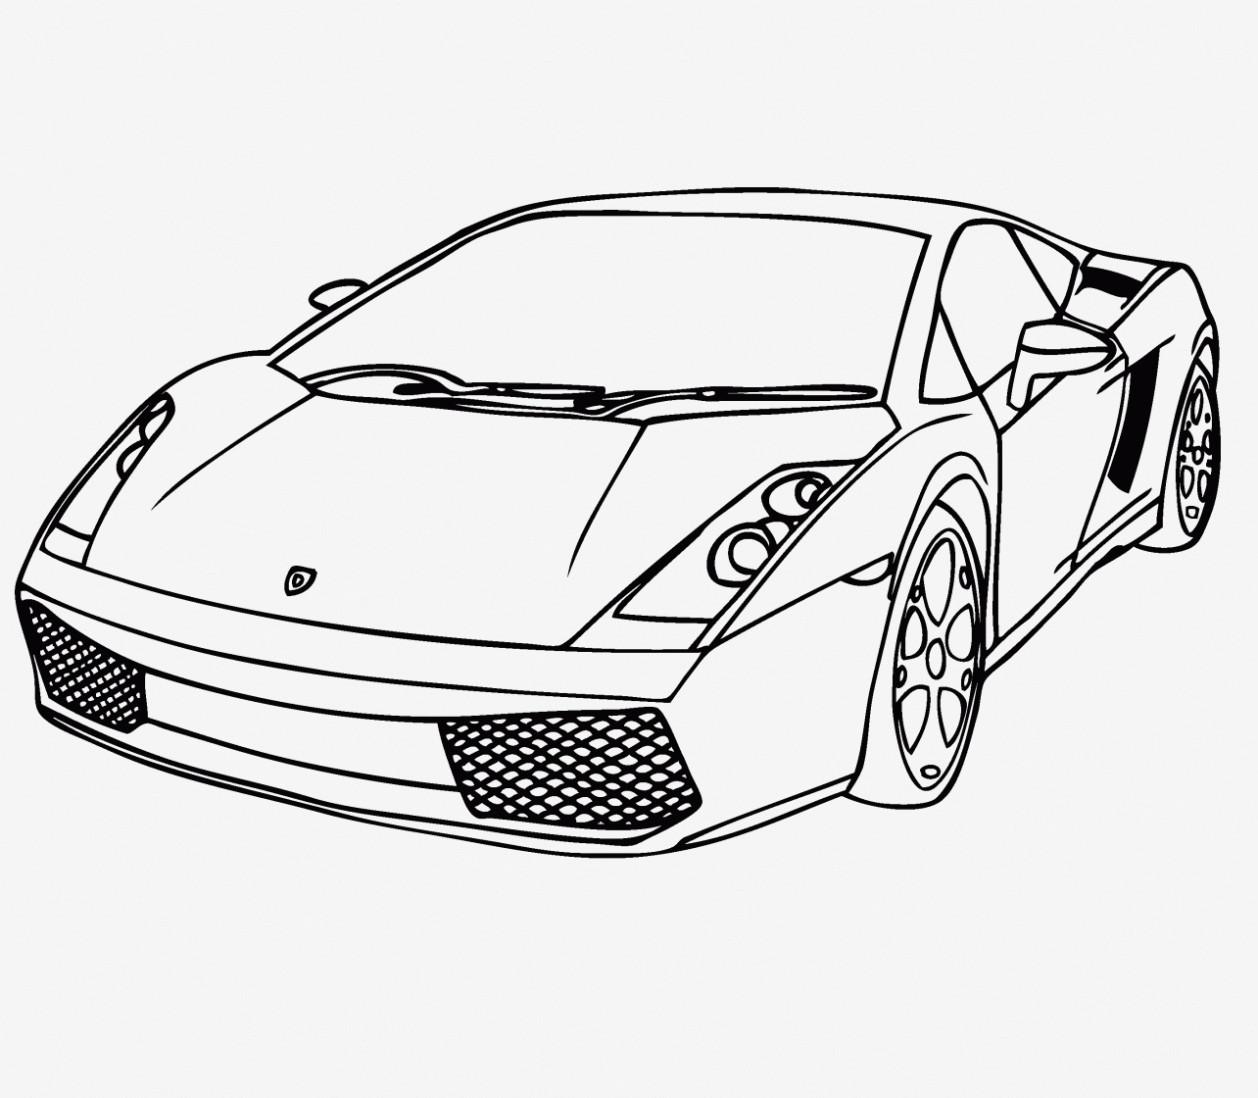 Lamborghini Zum Ausmalen Frisch 29 Luxus Lamborghini Zum